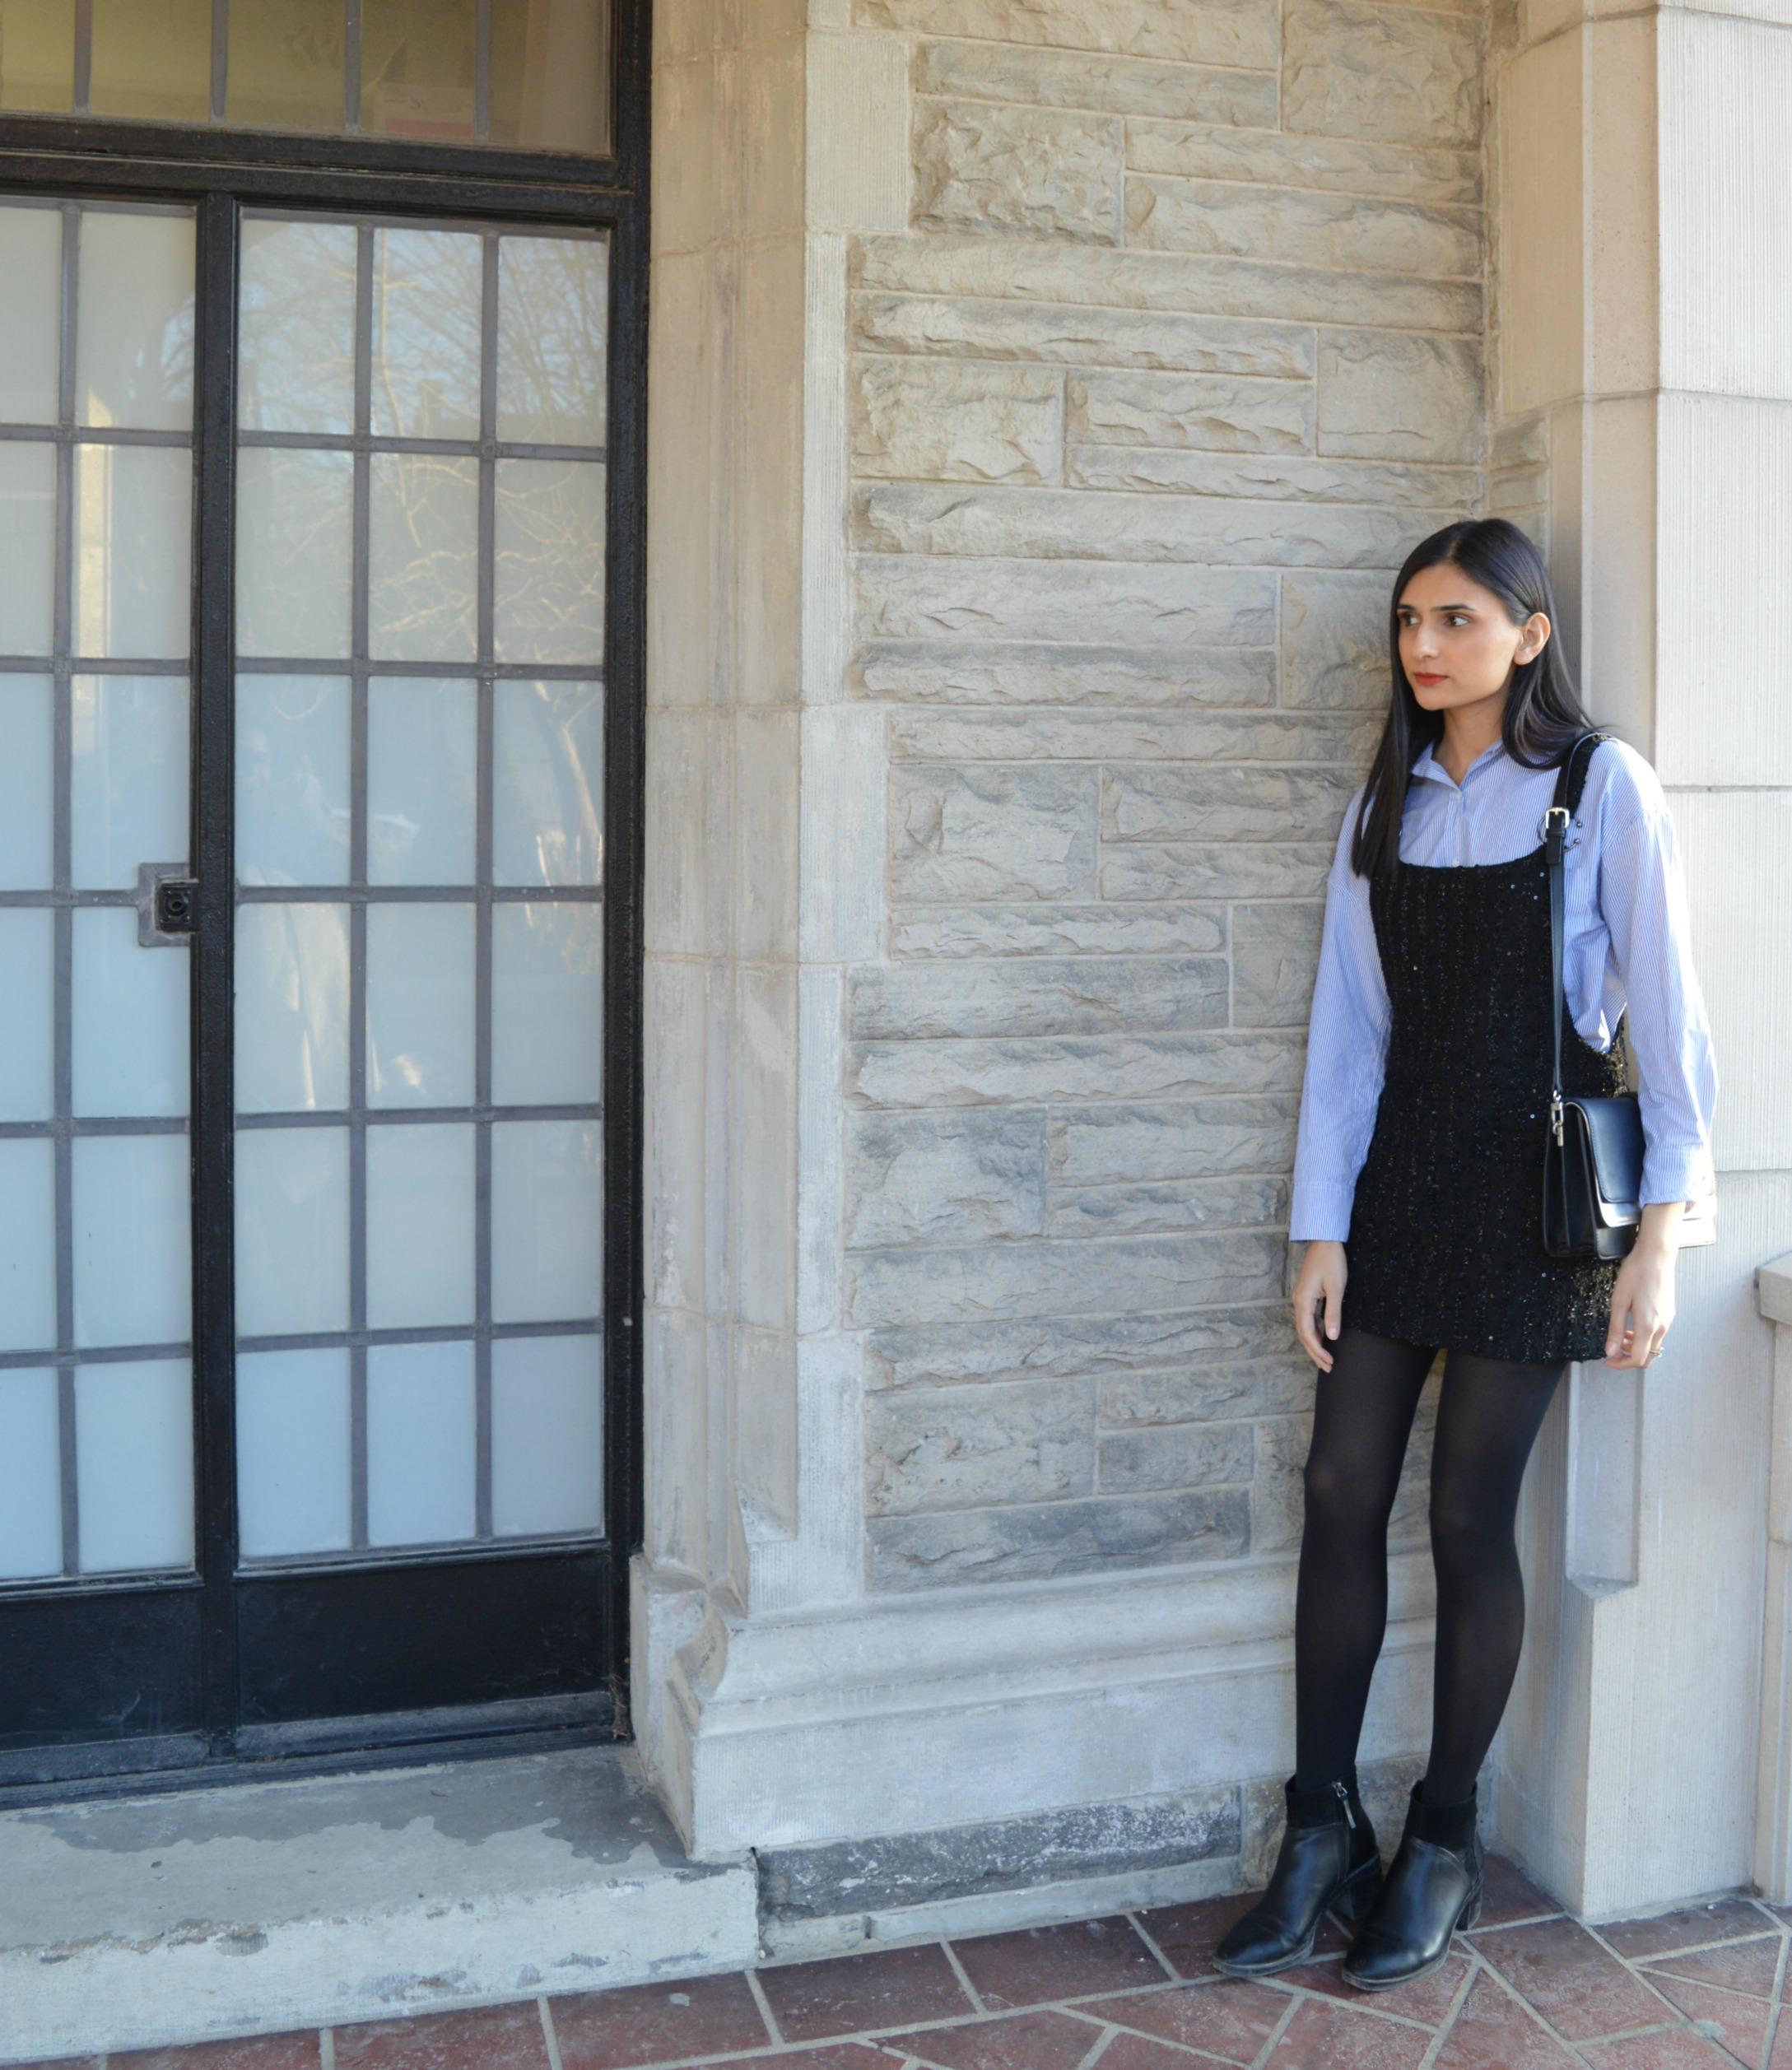 áo sơ mi kẻ sọc mặc cùng yếm váy đen phong cách preppy